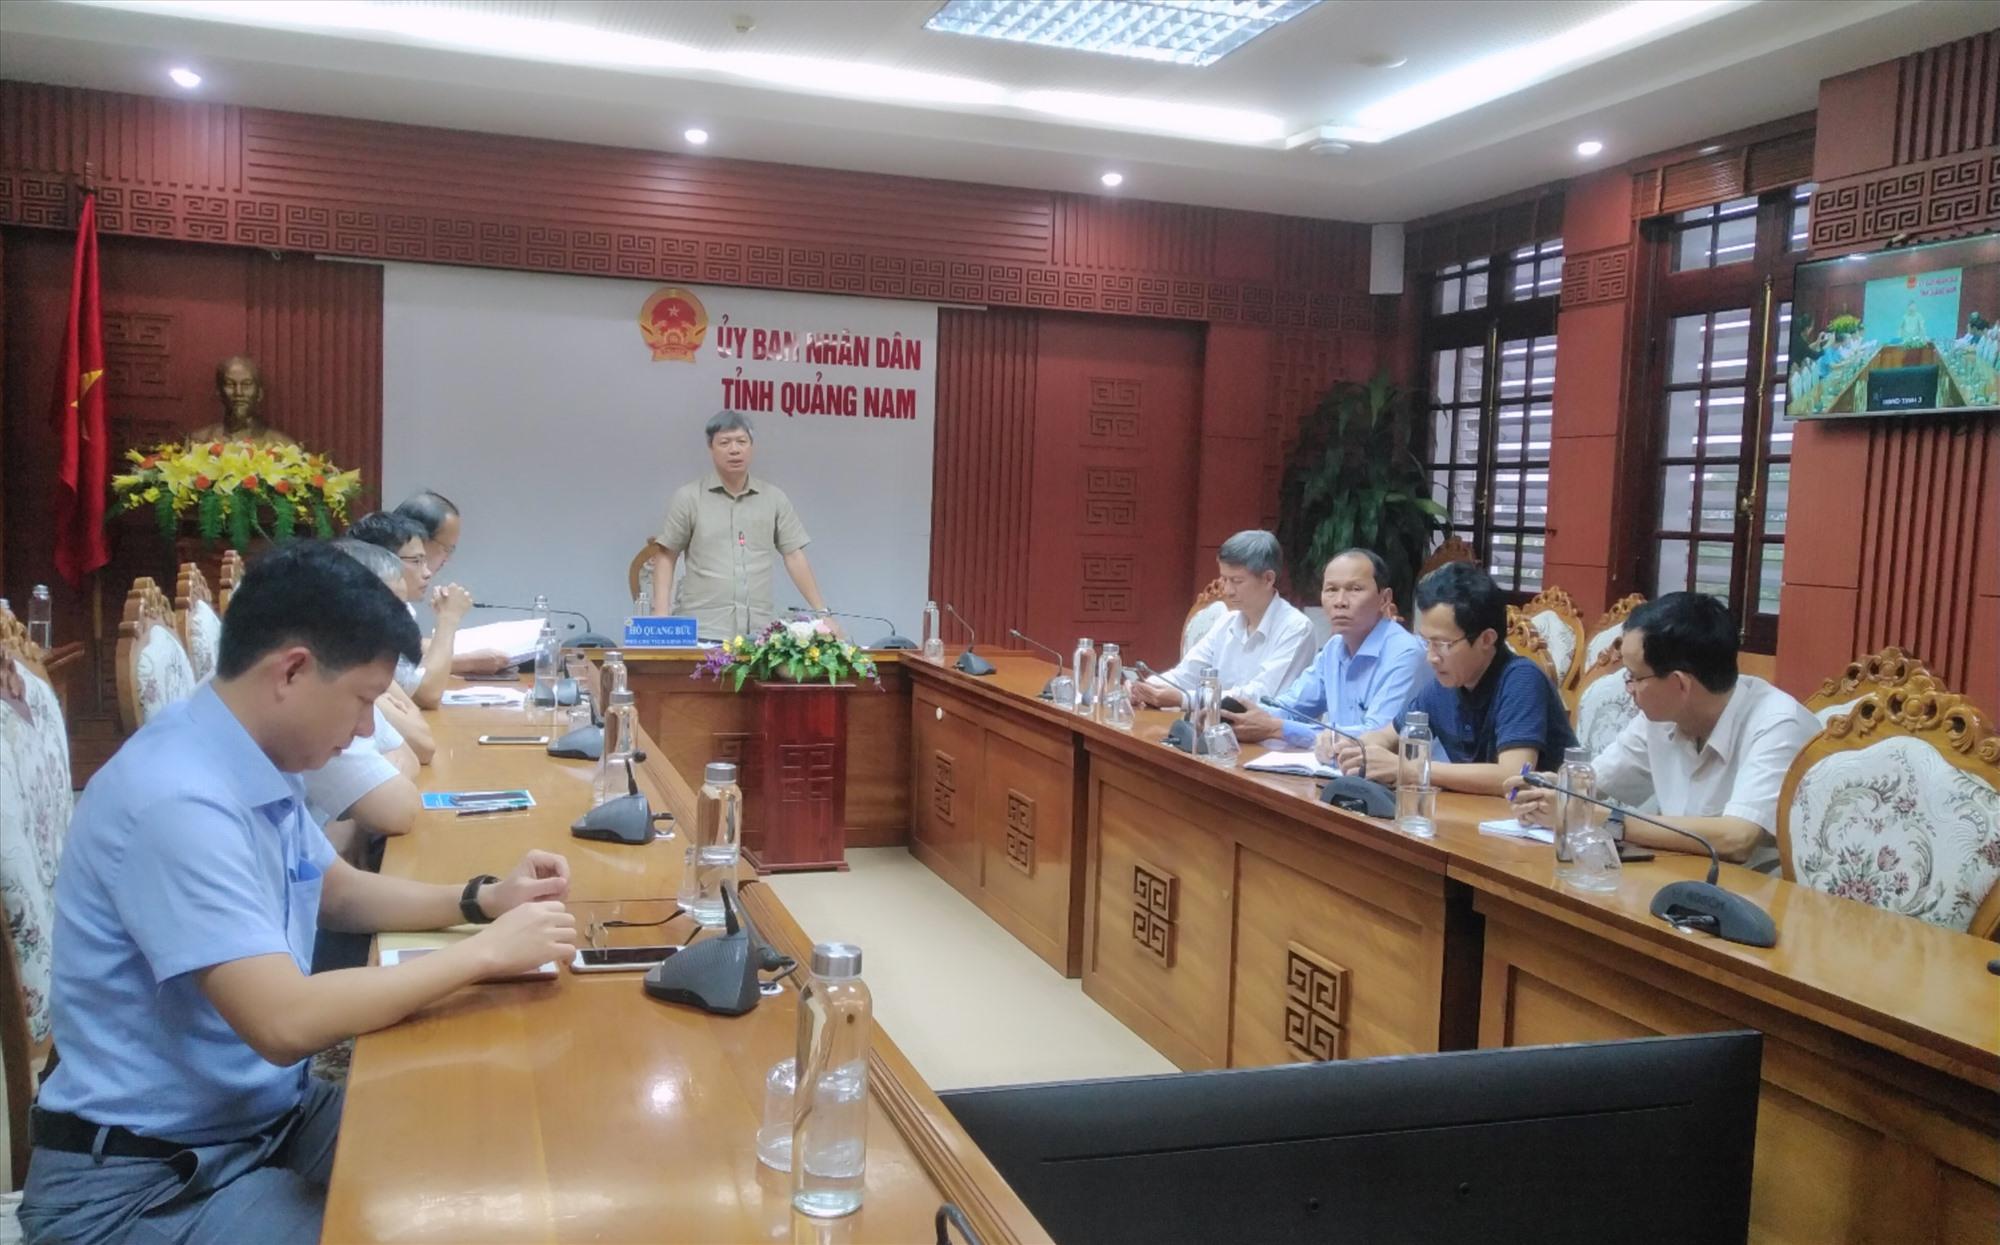 Phó Chủ tịch UBND tỉnh Hồ Quang Bửu chủ trì cuộc họp trực tuyến với các địa phương về ứng phó với mưa lũ. Ảnh: M.L